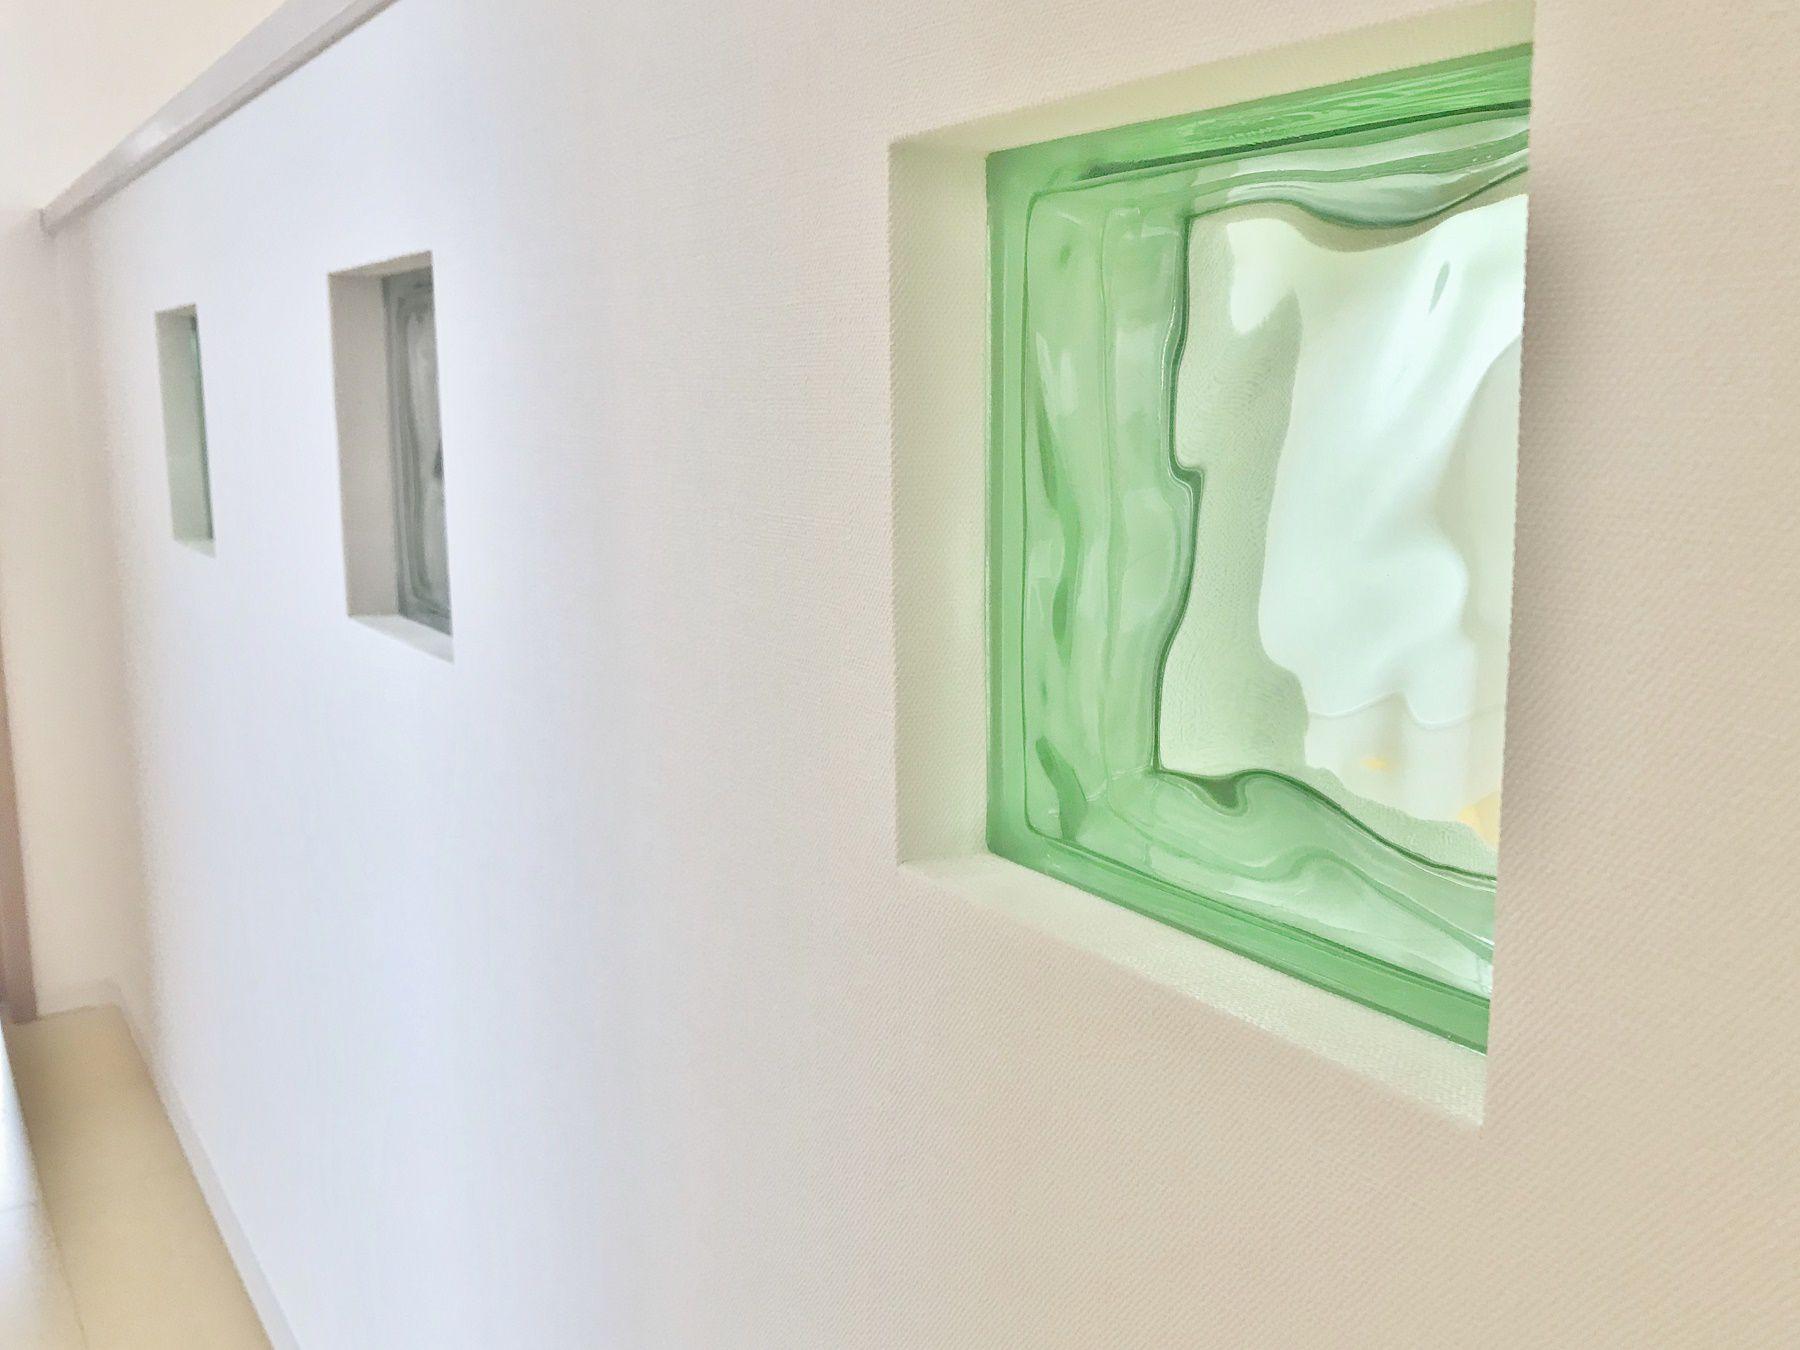 リビングから吹き抜けを見上げると、お施主様が持参された緑と透明のガラスブロックが見えます。そこに太陽の光が差し込むと反射して、とっても素敵な空間になります。どこかに1つはこういう持参されたものでお造りになられるのもいいですね。